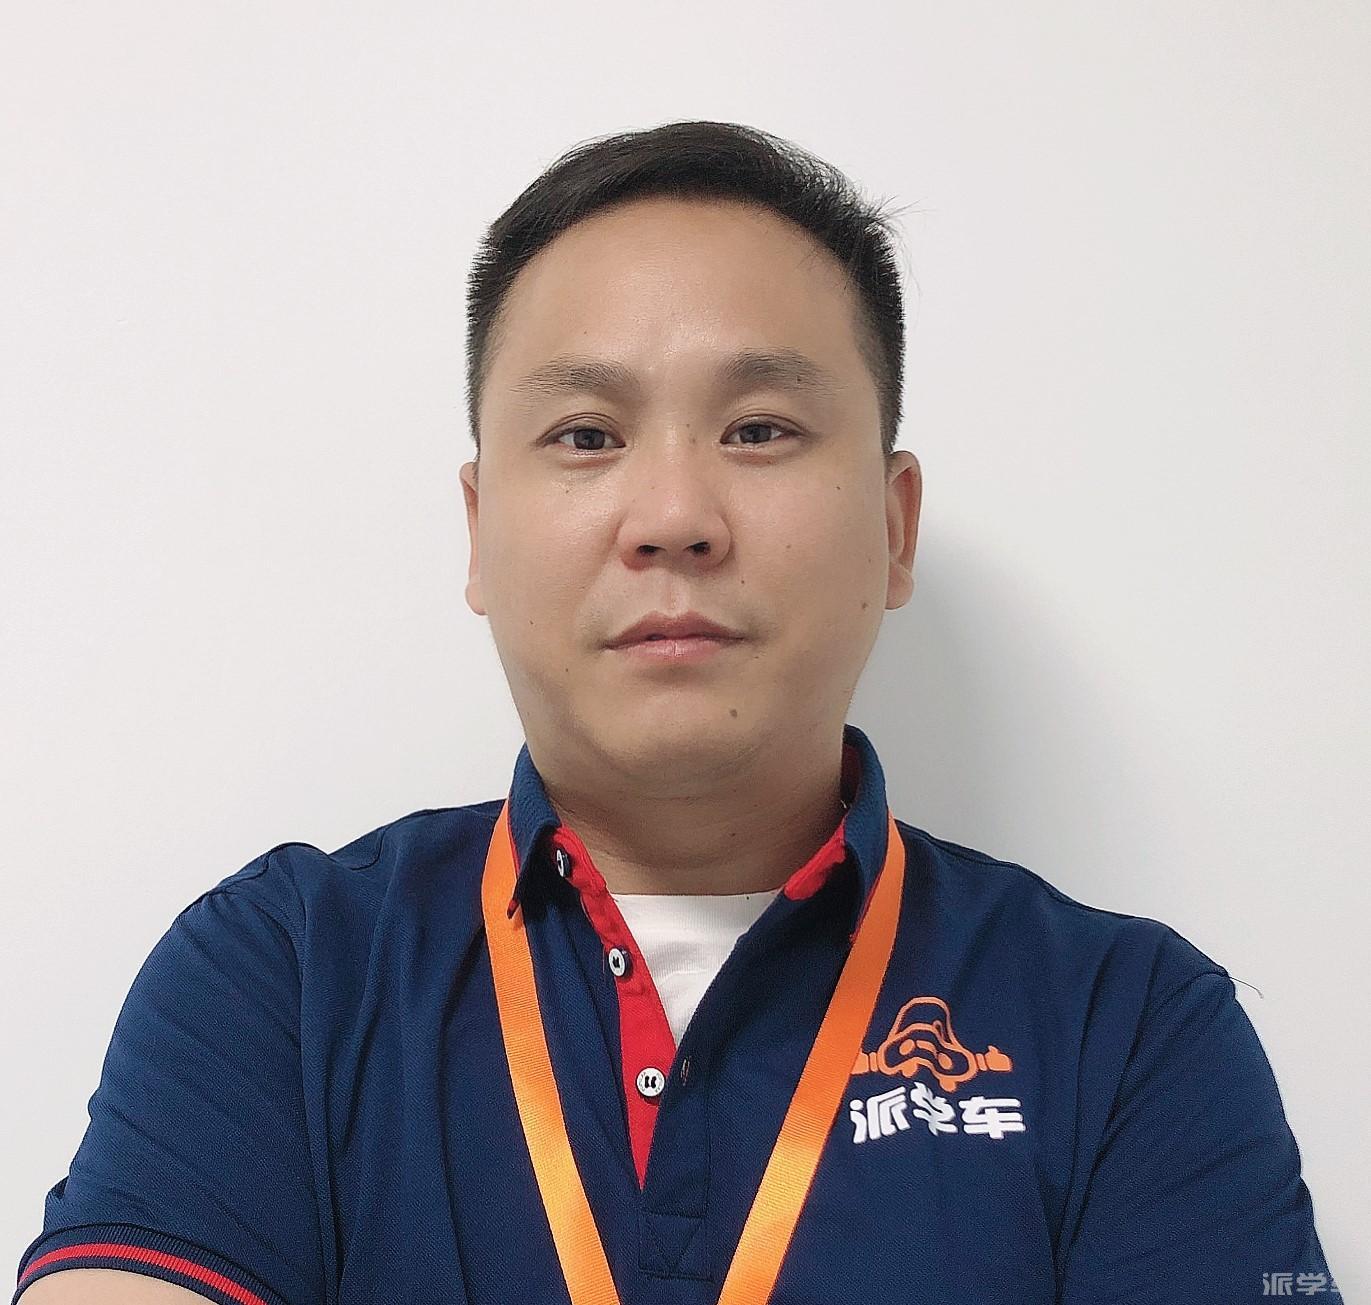 教练姚朋坤